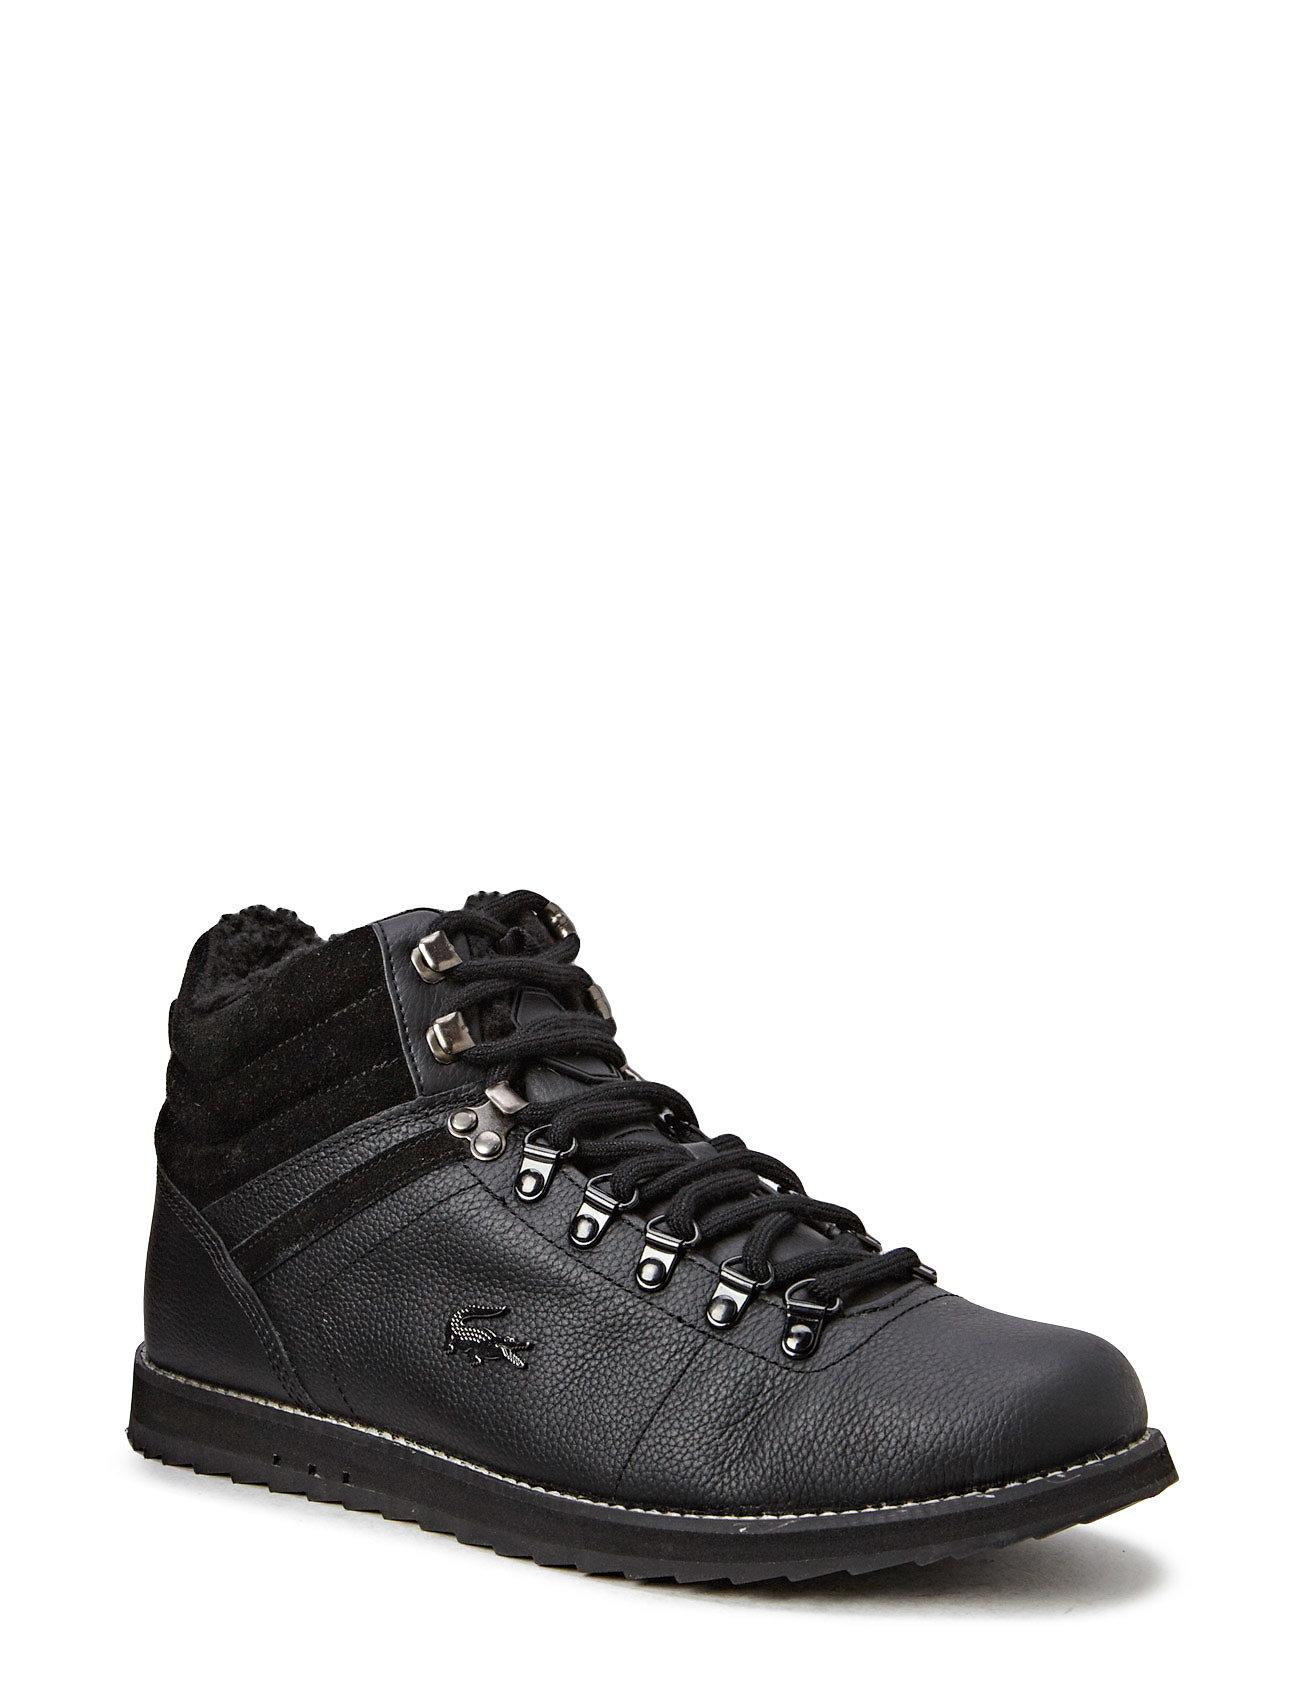 Lacoste Shoes JARMUND PUT